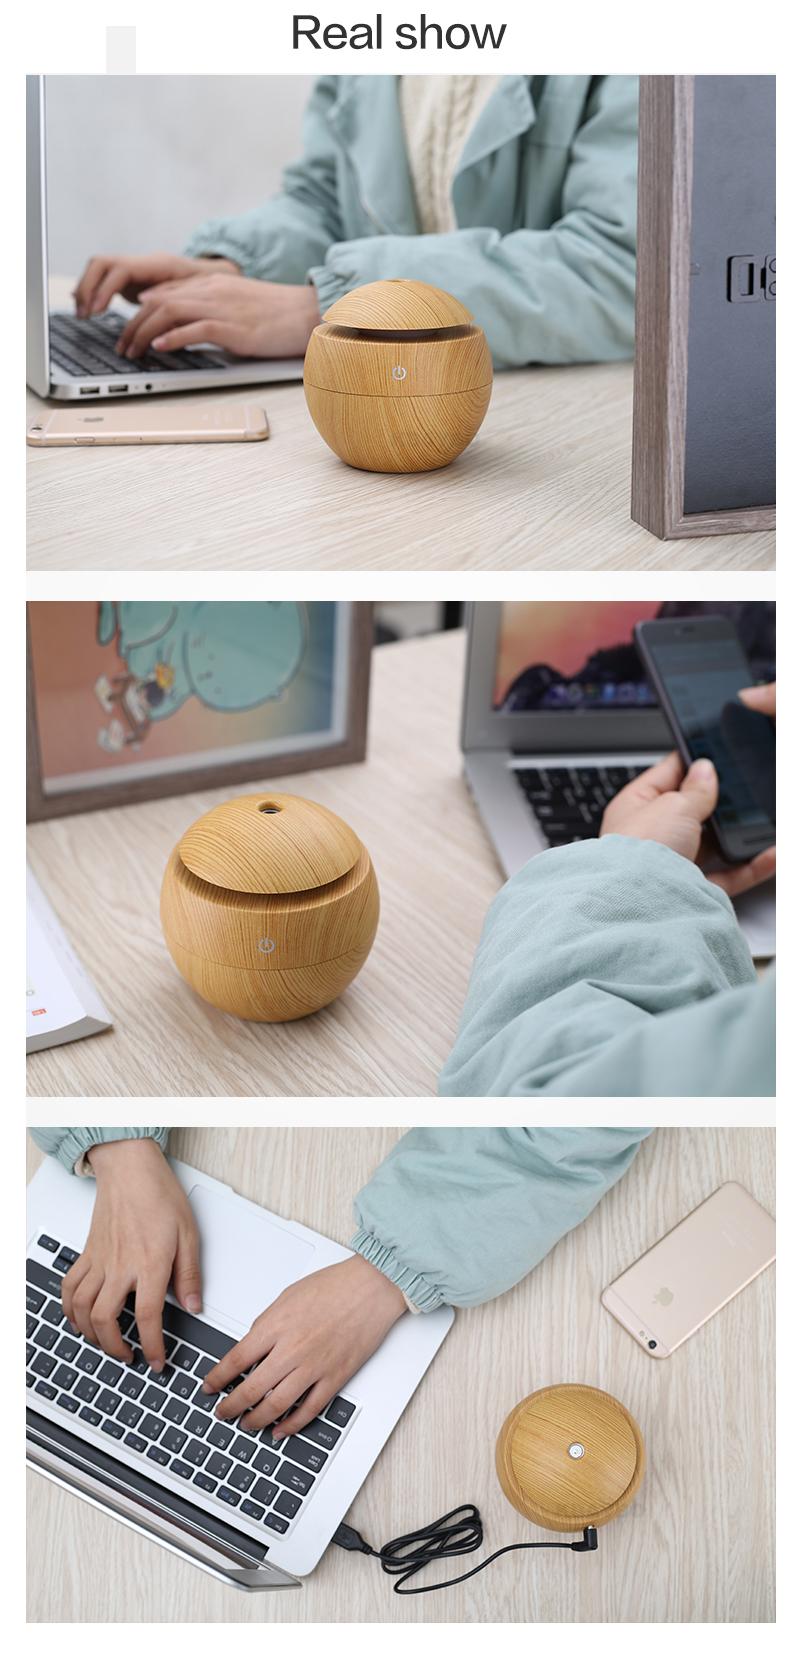 Diffuseur d'huiles essentielles USB KBAYBO bois clair, aromathérapie, sur un bureau